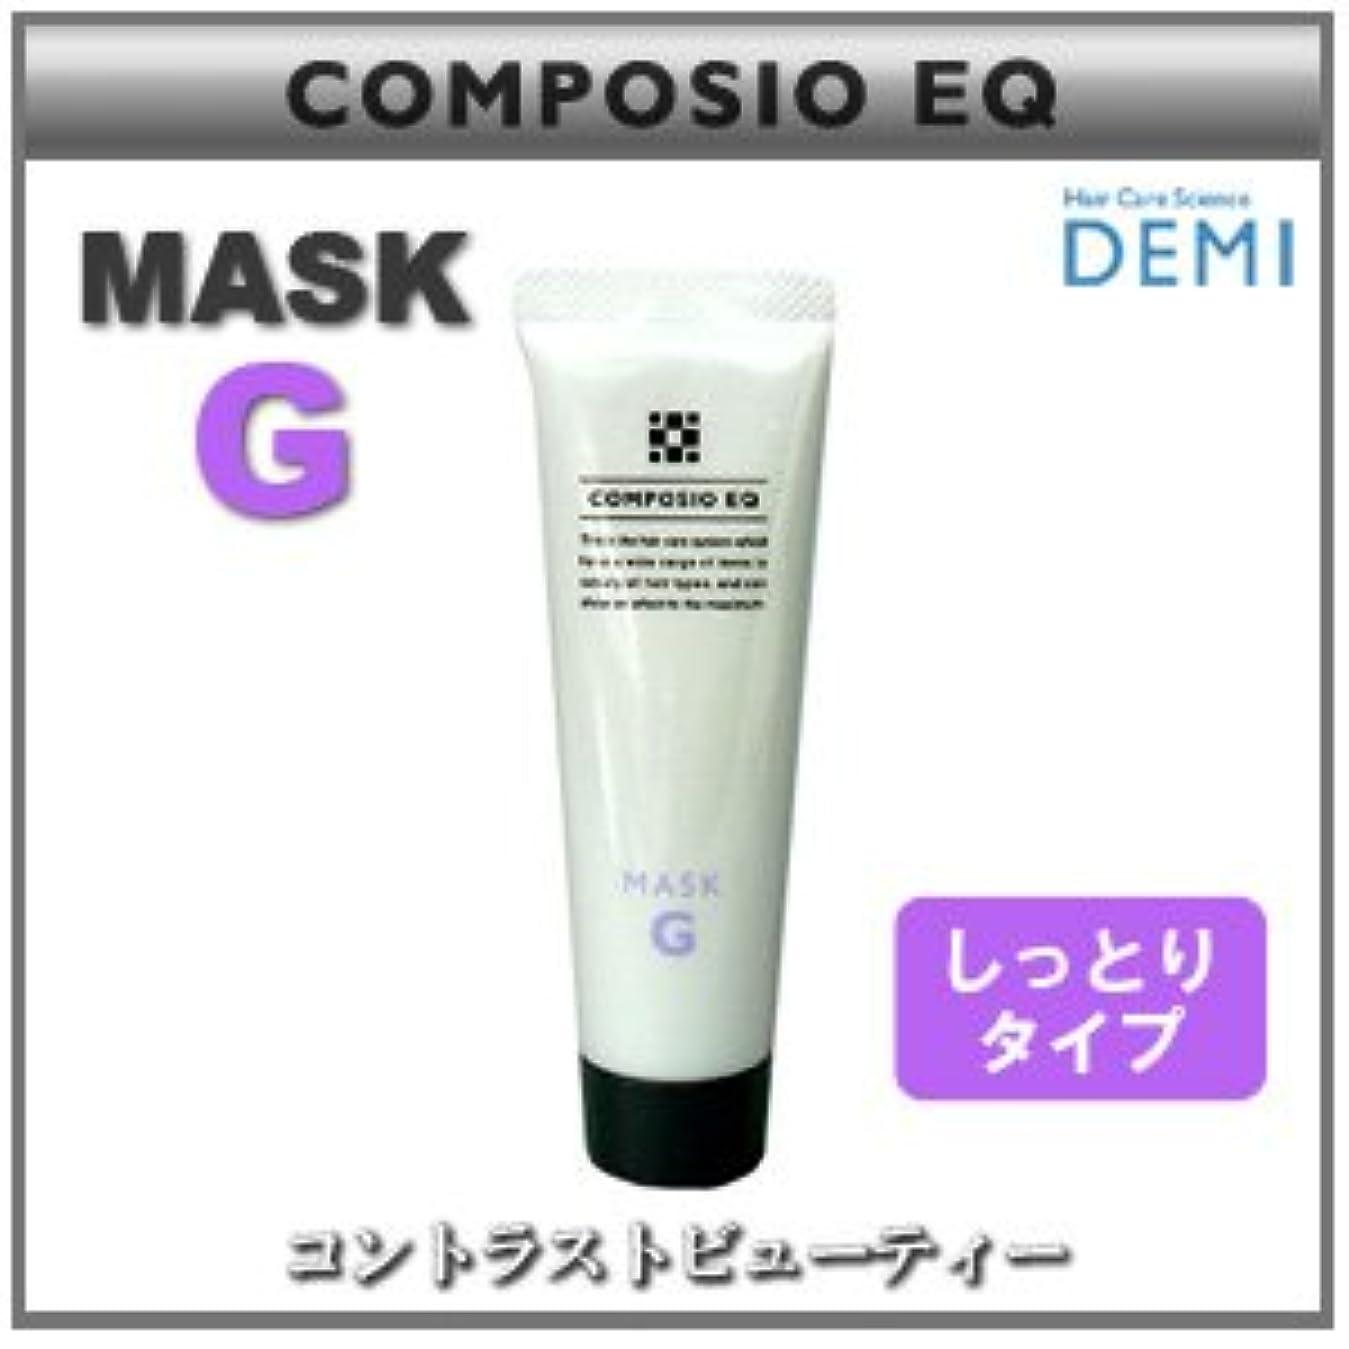 ご予約優遇食品【X2個セット】 デミ コンポジオ EQ マスク G 50g